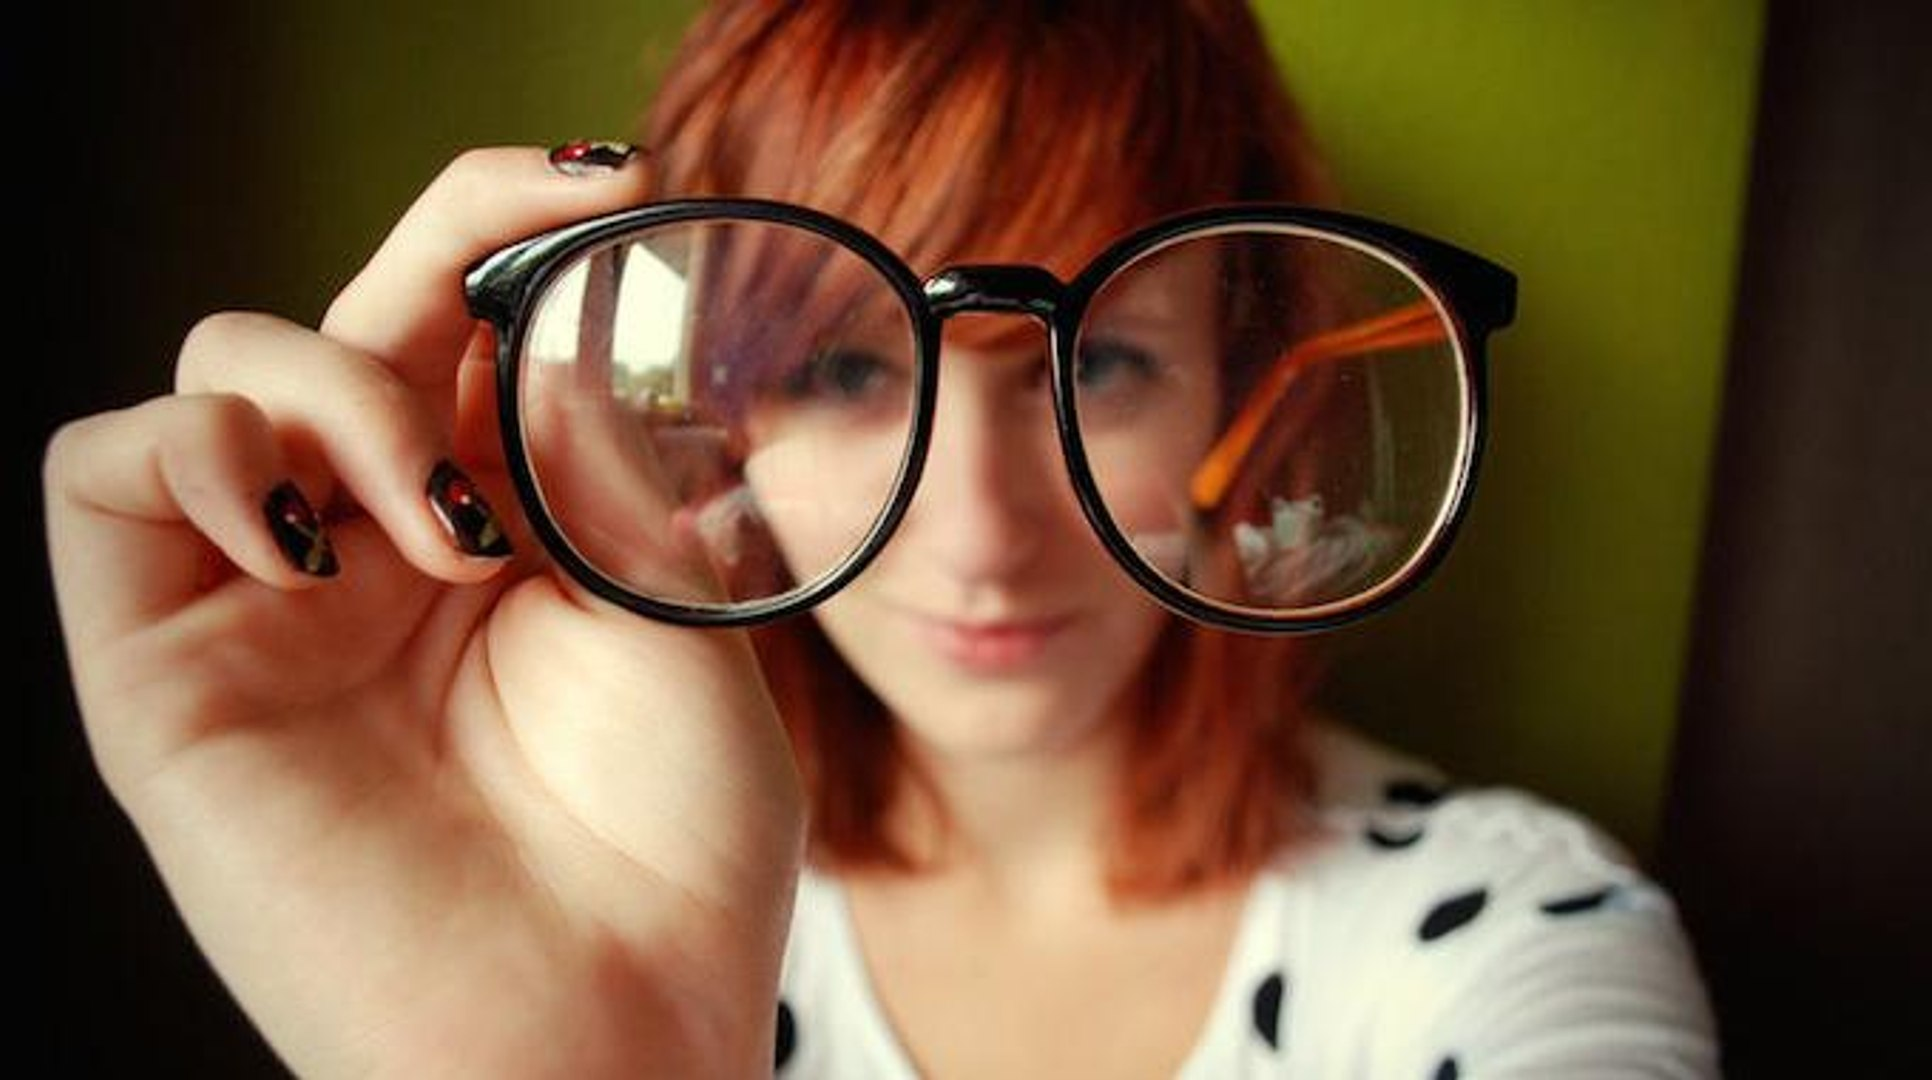 Nettoyer Lunette Toilettes Vinaigre Blanc lunettes toujours sales l'astuce pour qu'elles restent impeccables 3 fois  plus longtemps